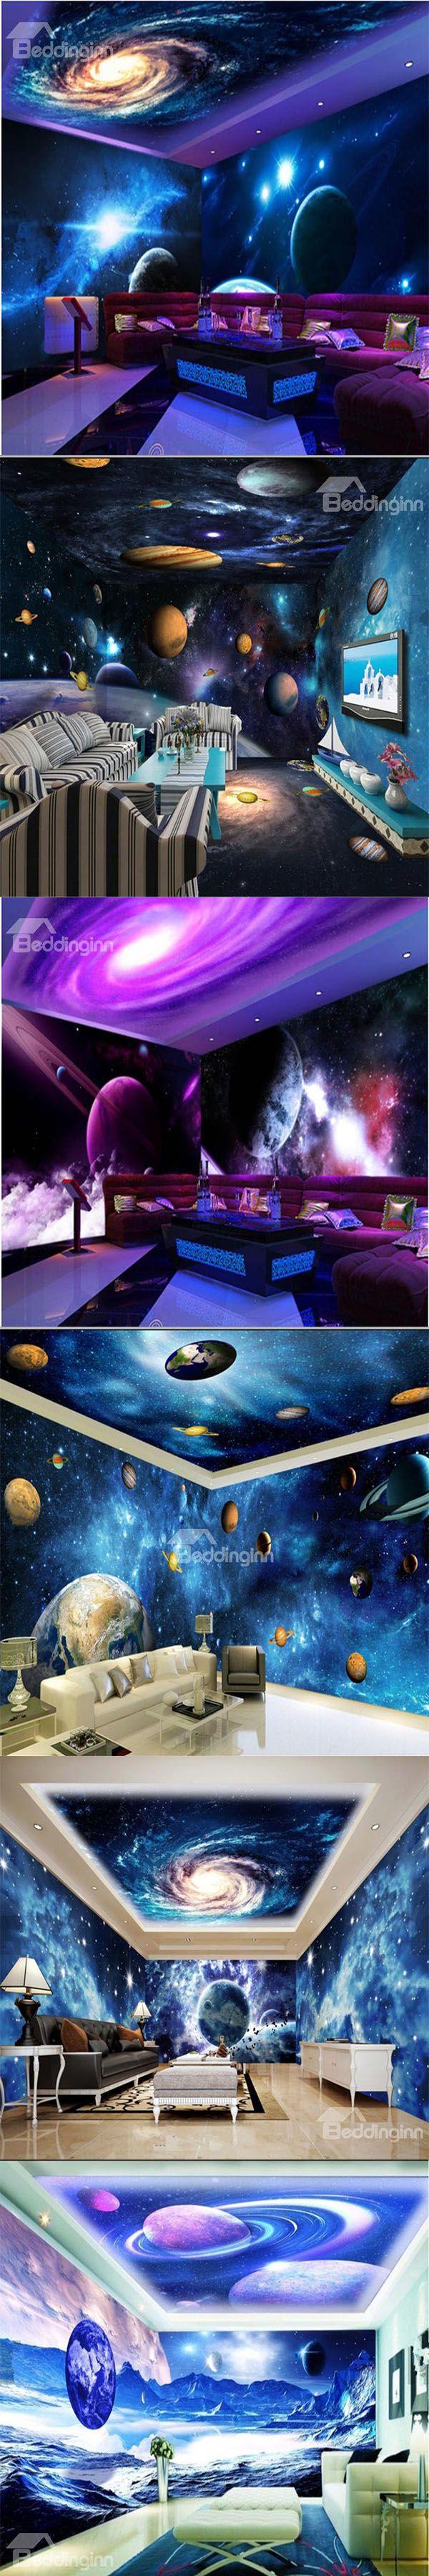 Make a magic galaxy space by wall murals!